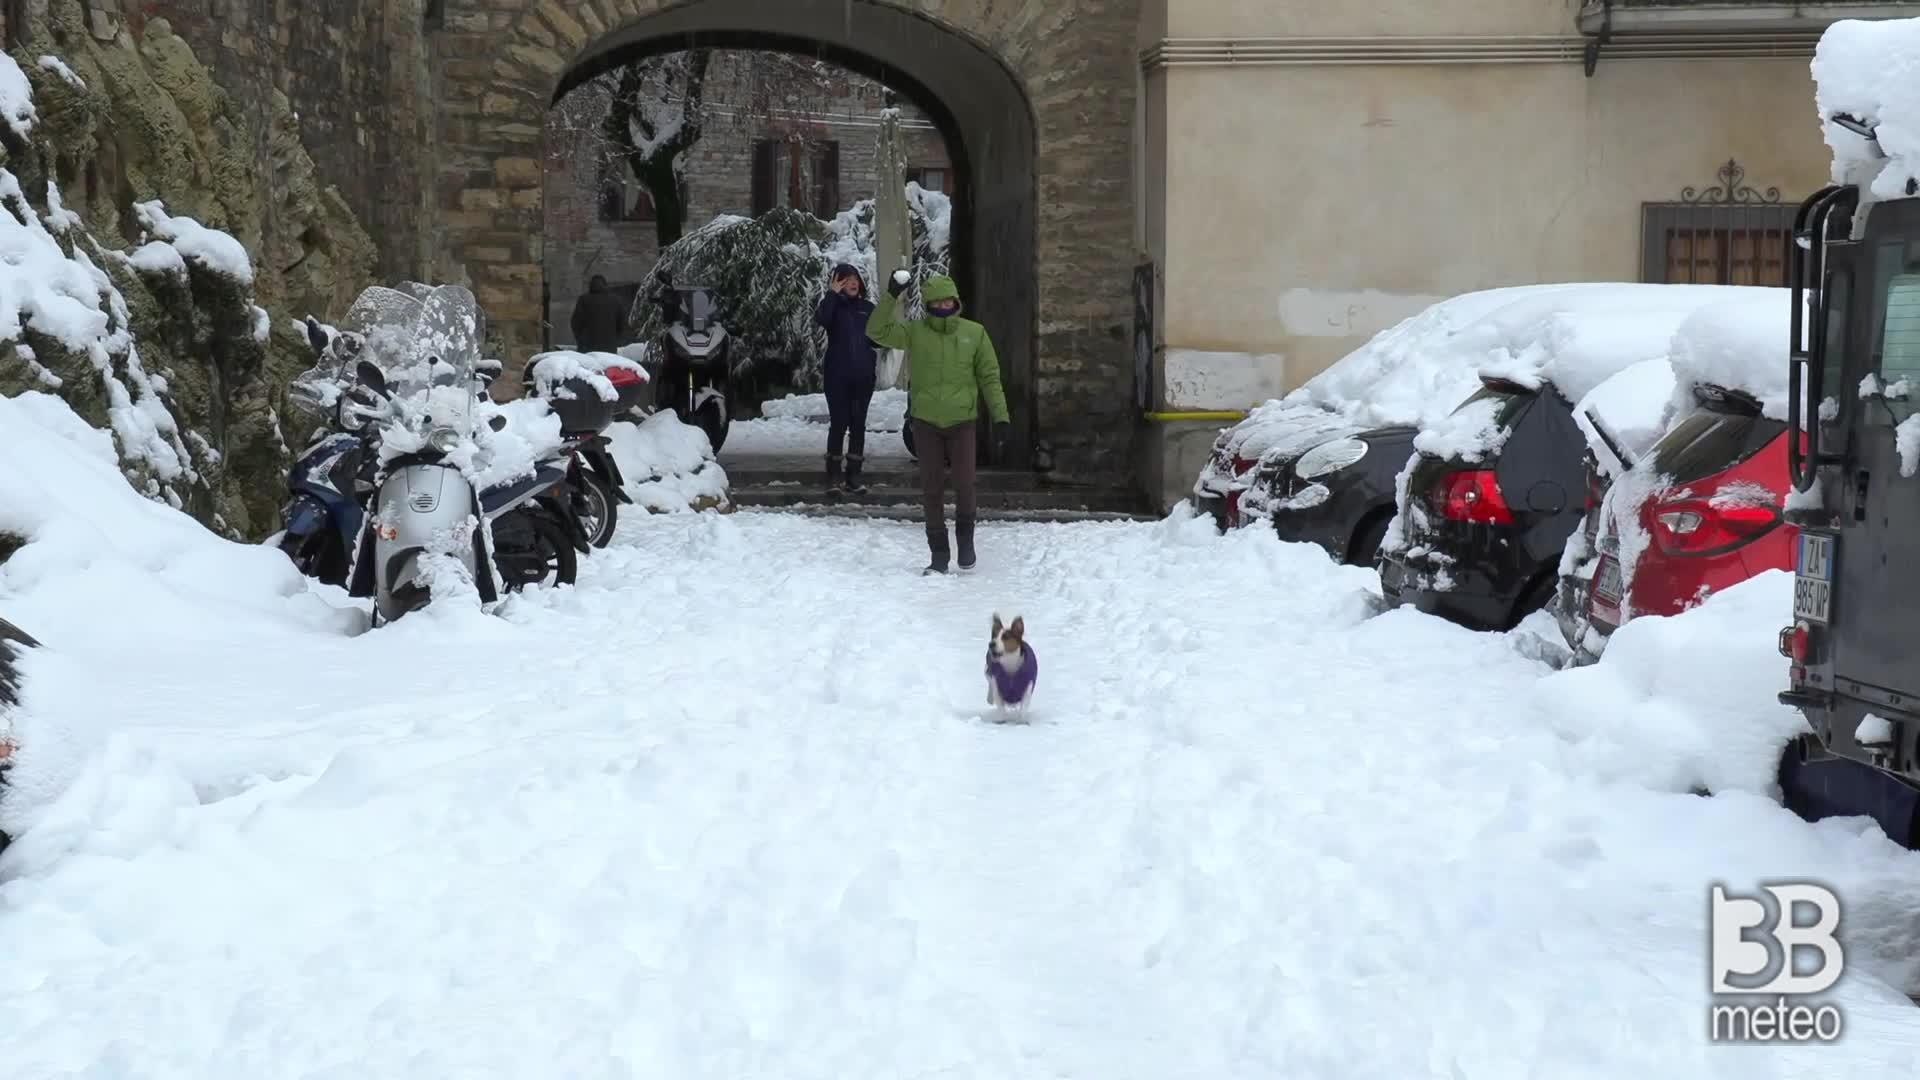 Neve Bergamo Alta, il centro: caduti diversi cm questa mattina